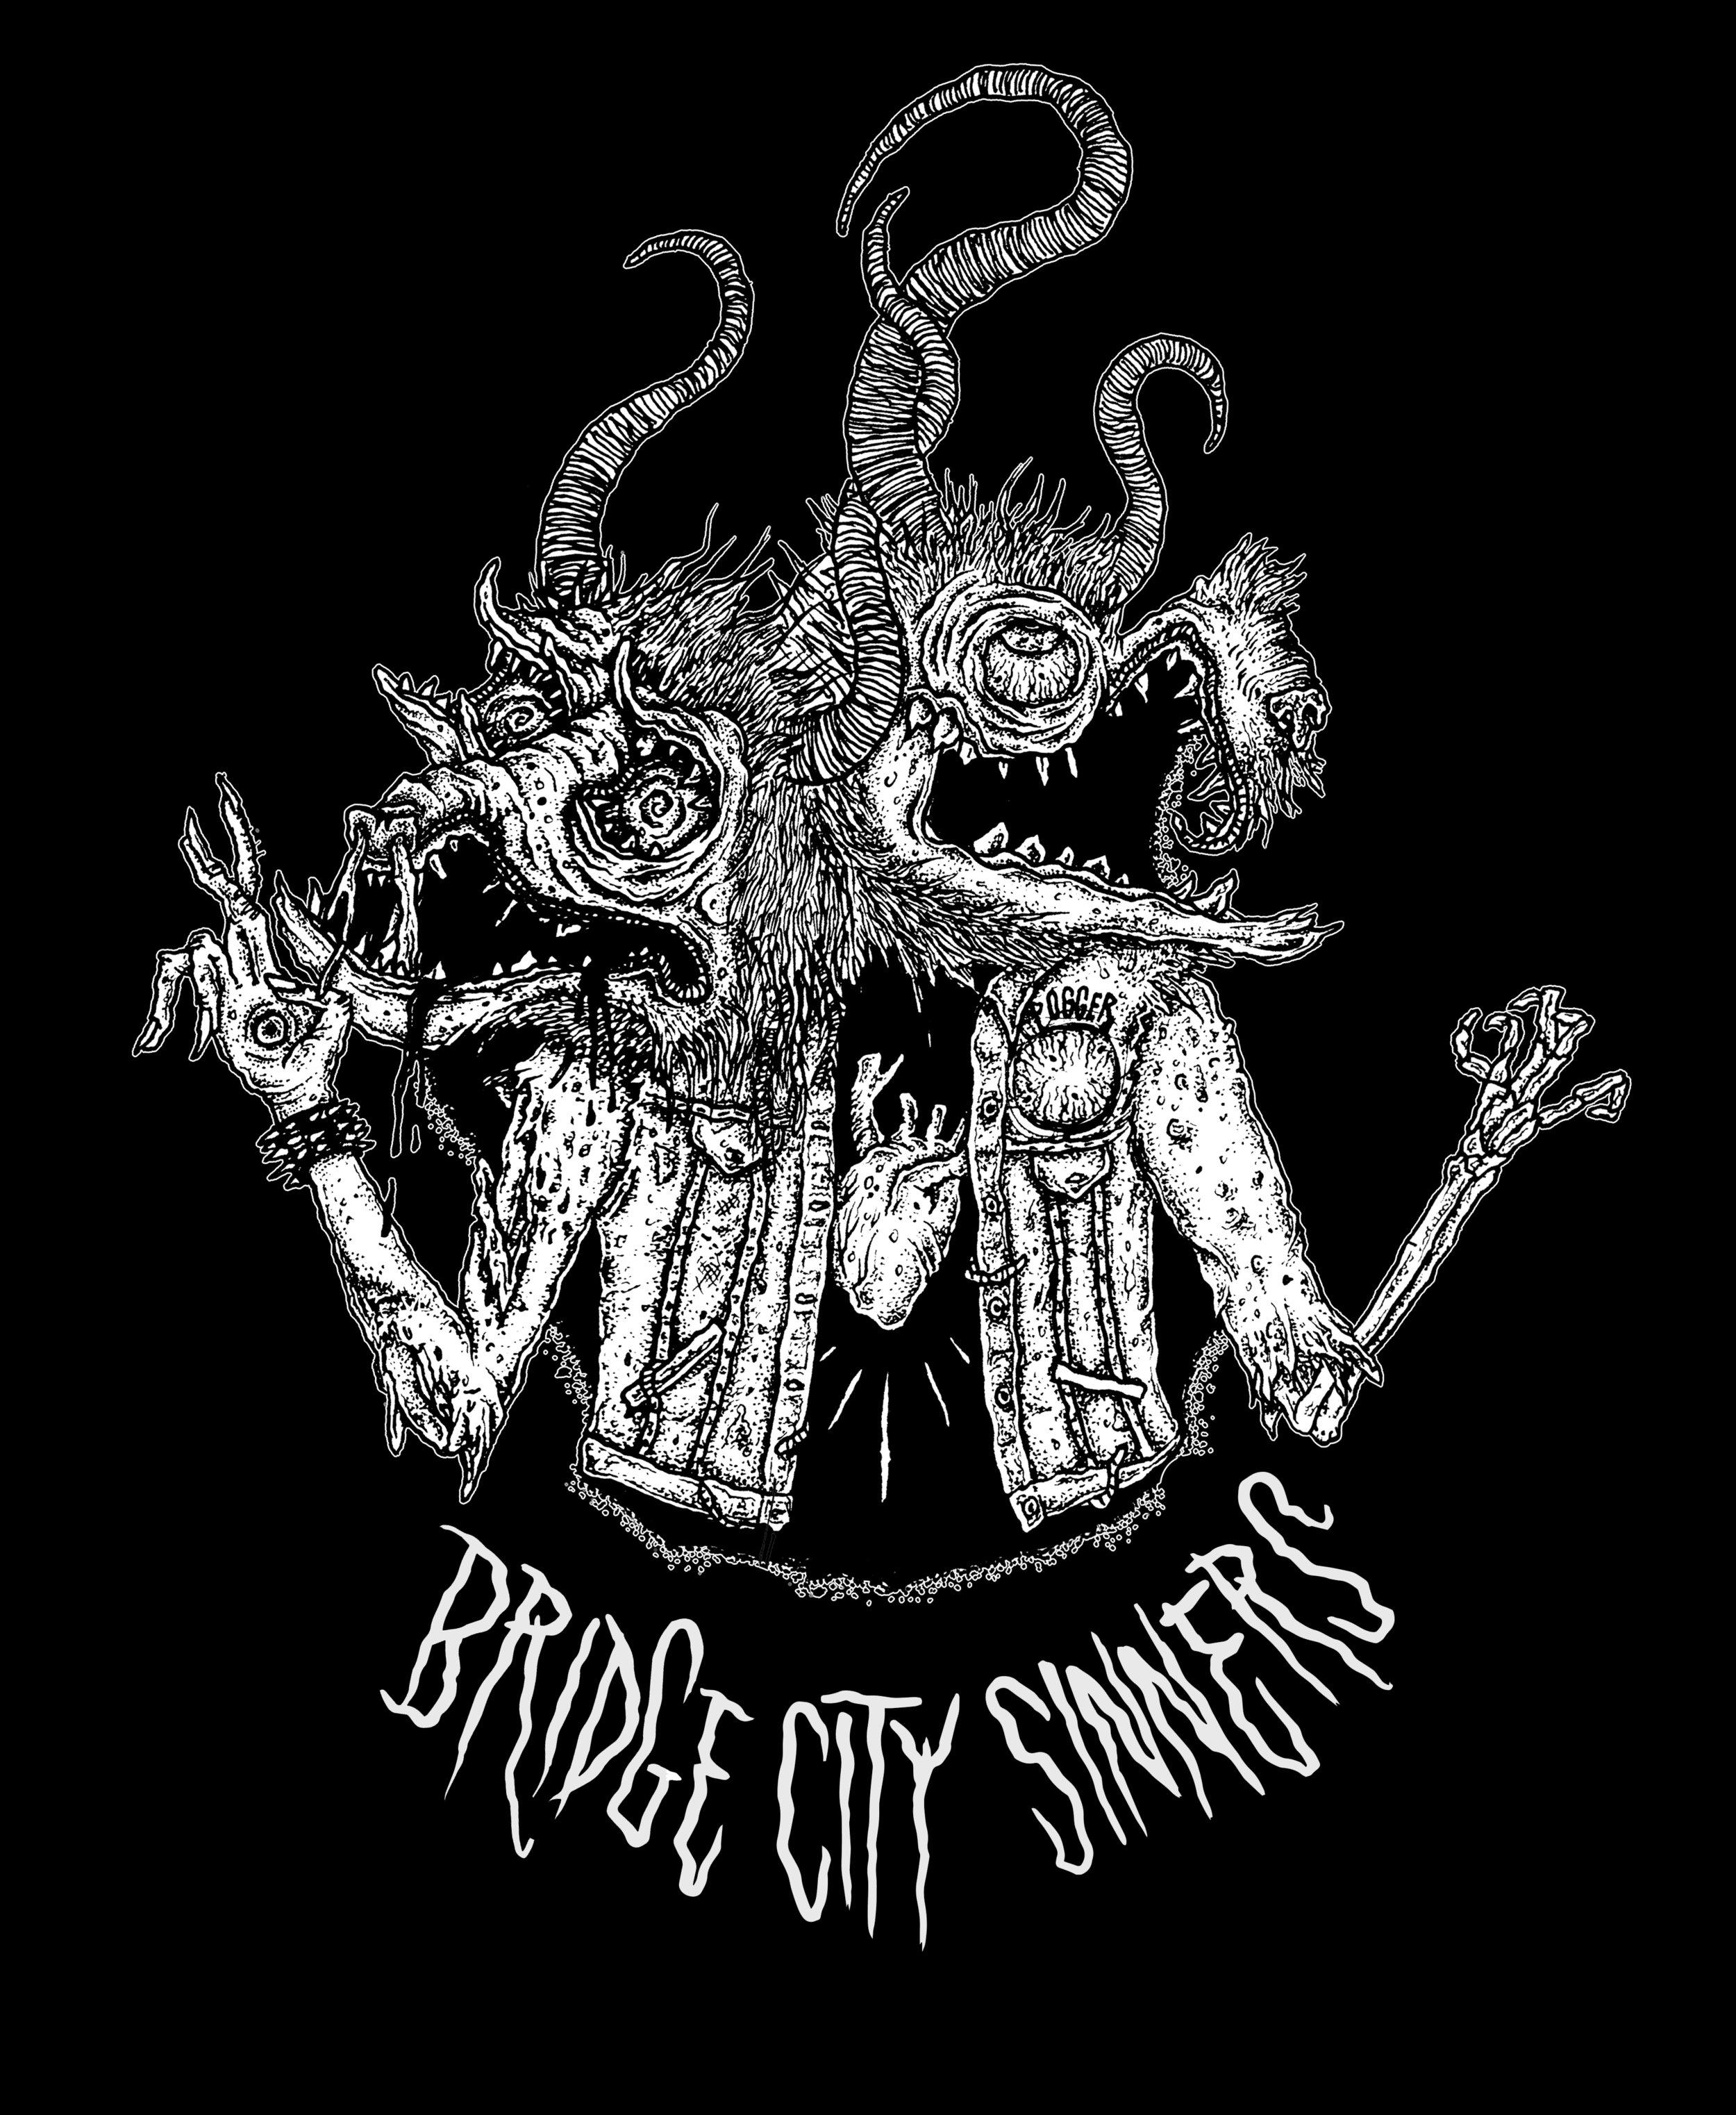 bridgecitysinners-NEW-BLACK.jpg